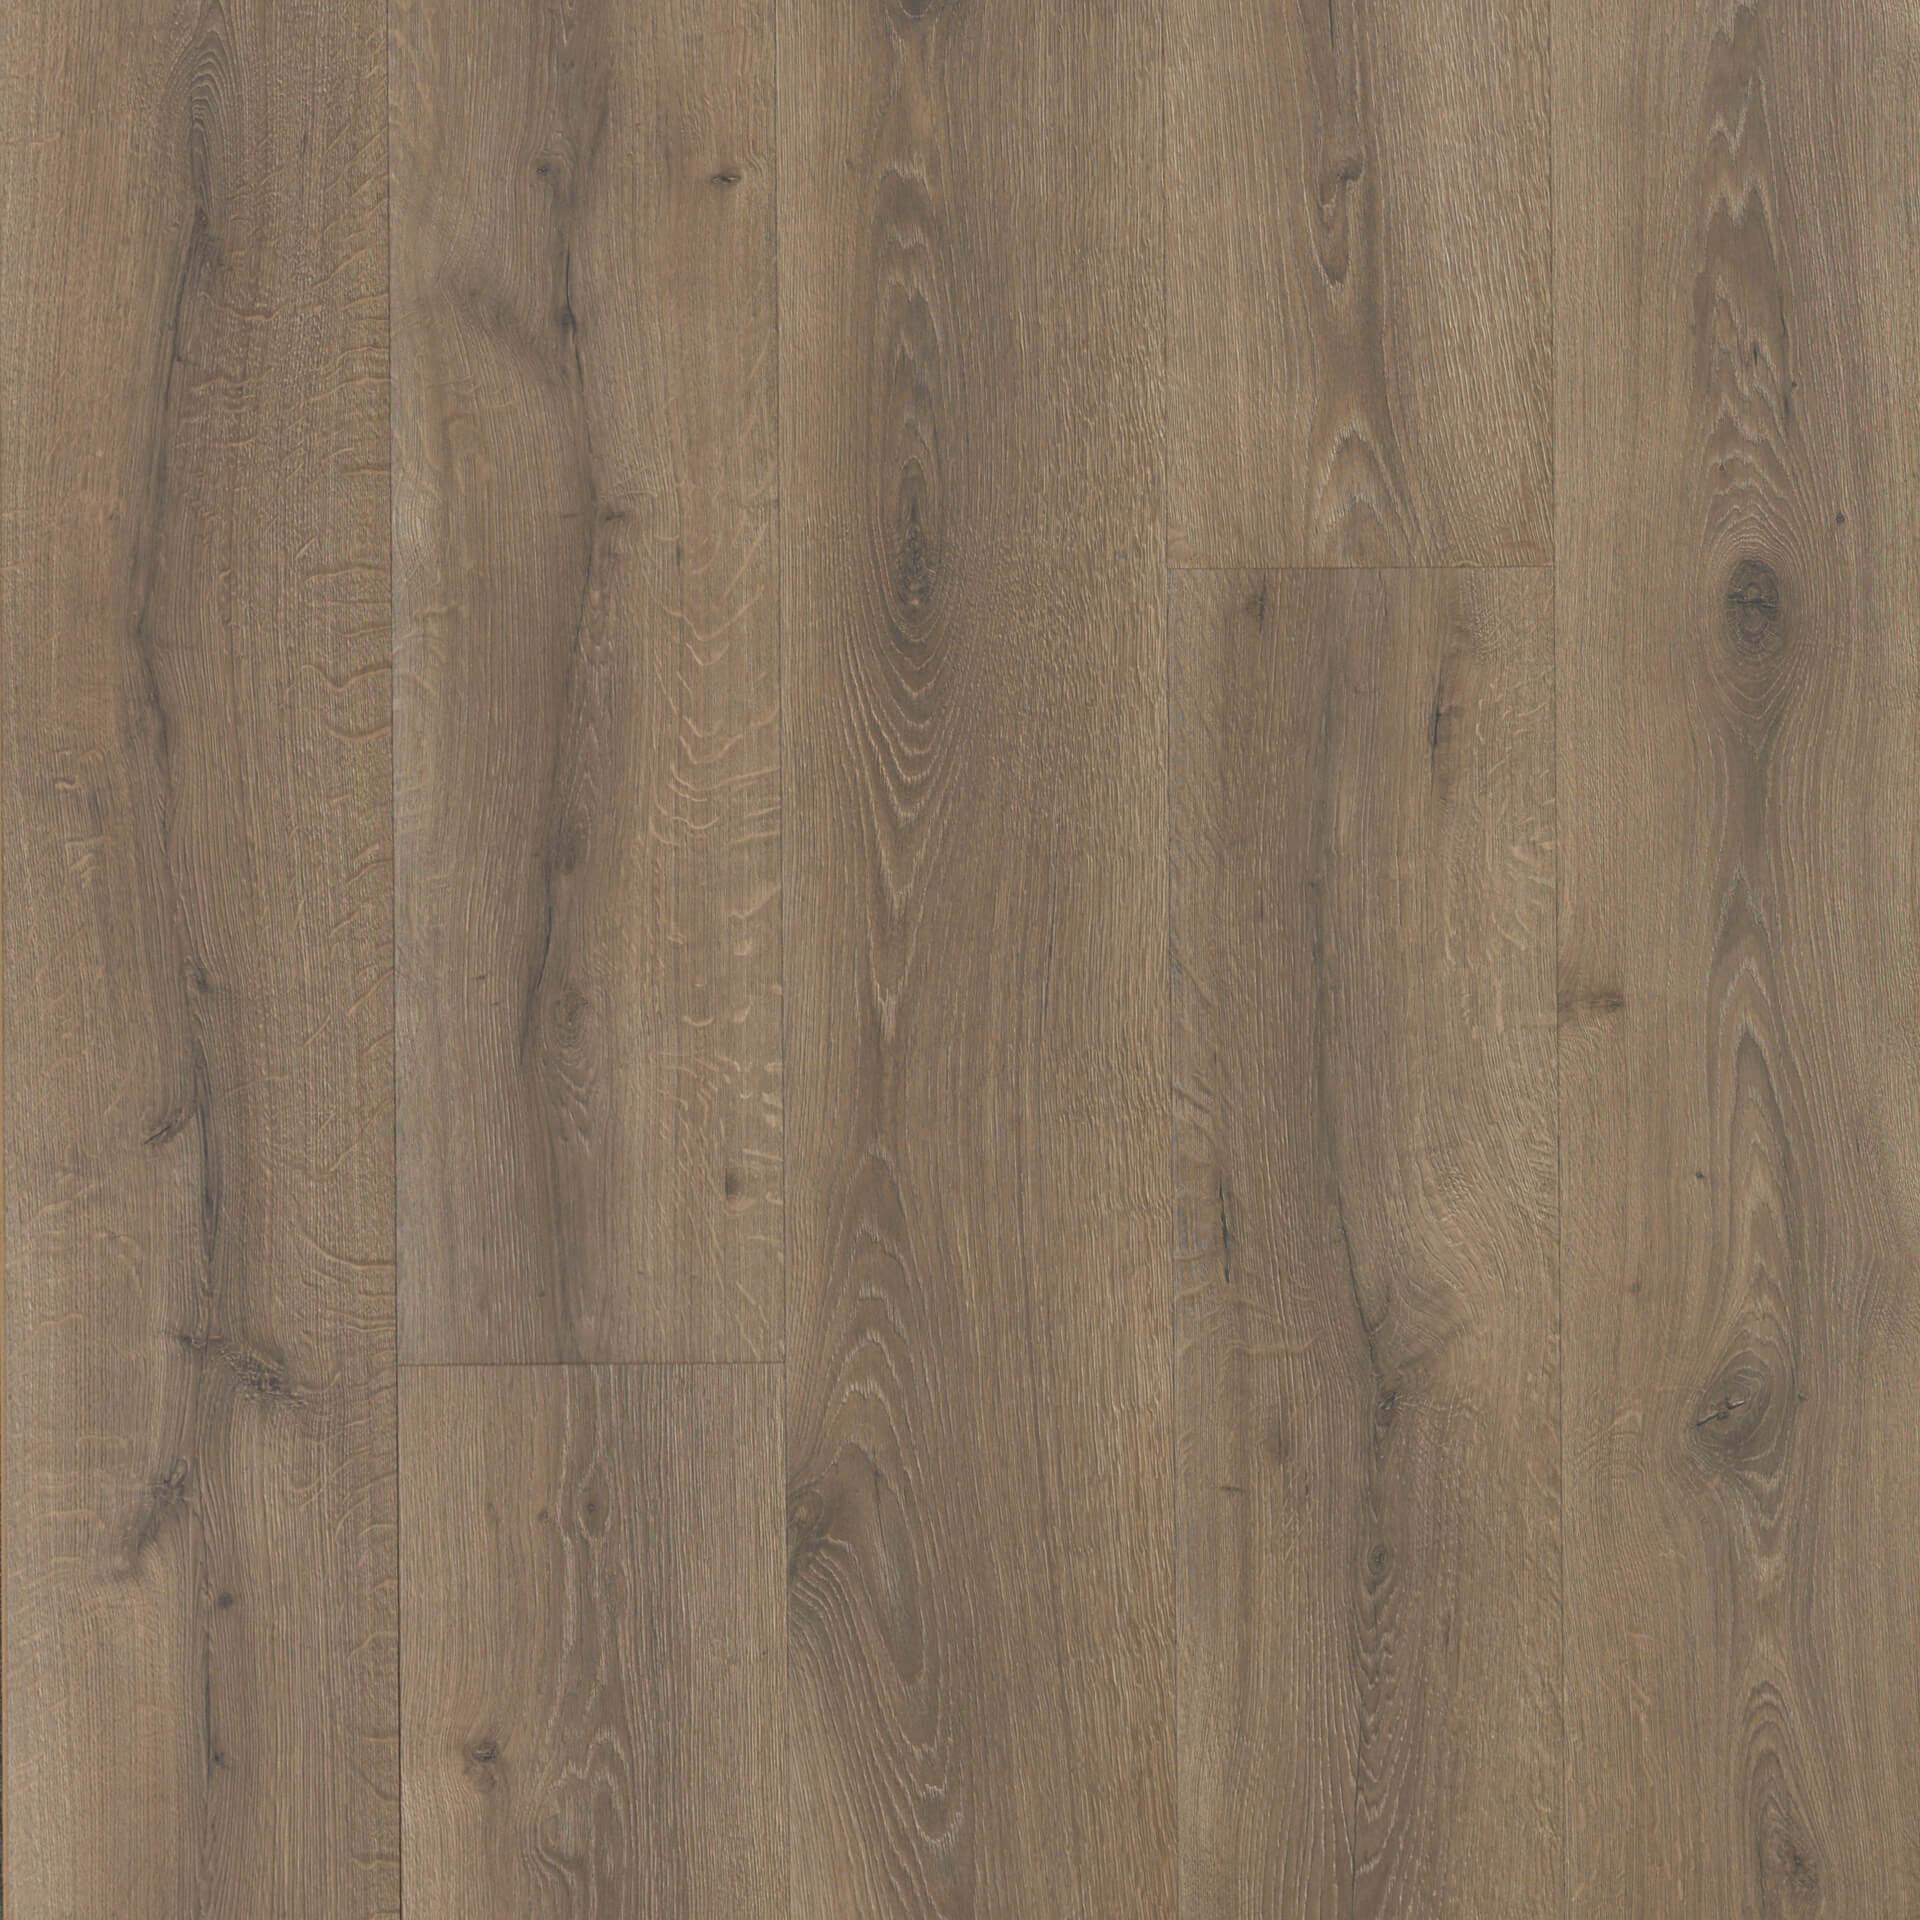 Pelzer Oak Colossia Collection Laminate